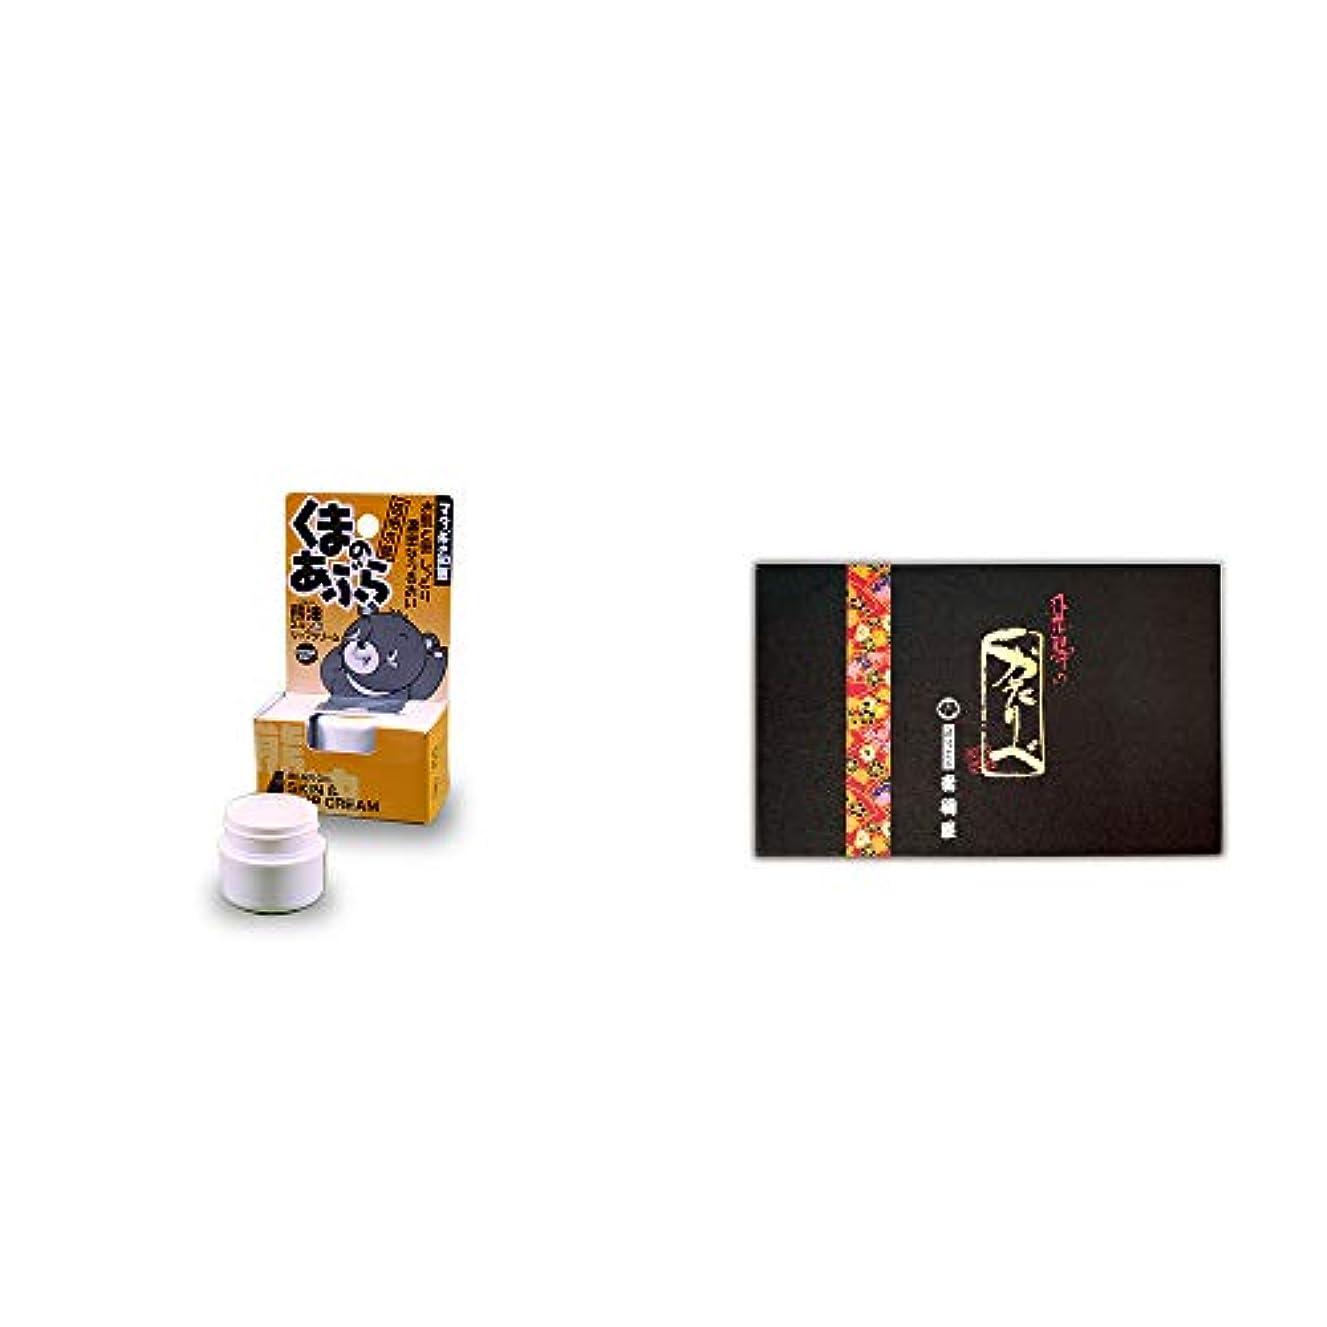 居間妊娠したゲスト[2点セット] 信州木曽 くまのあぶら 熊油スキン&リップクリーム(9g)?岐阜銘菓 音羽屋 飛騨のかたりべ [12個]